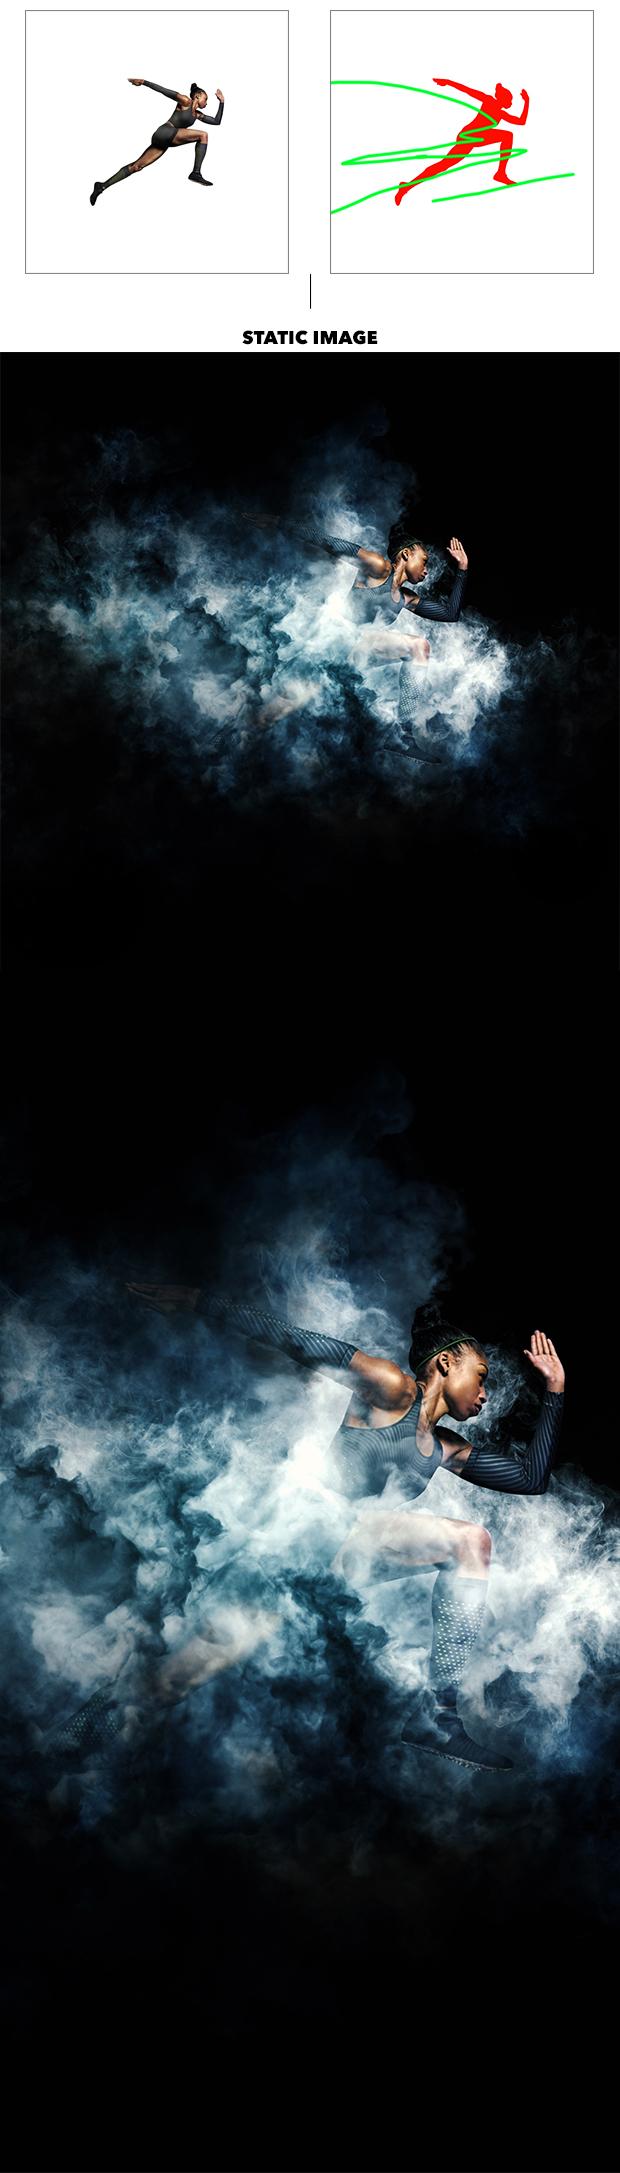 Gif Animated Smoke Photoshop Action - 9